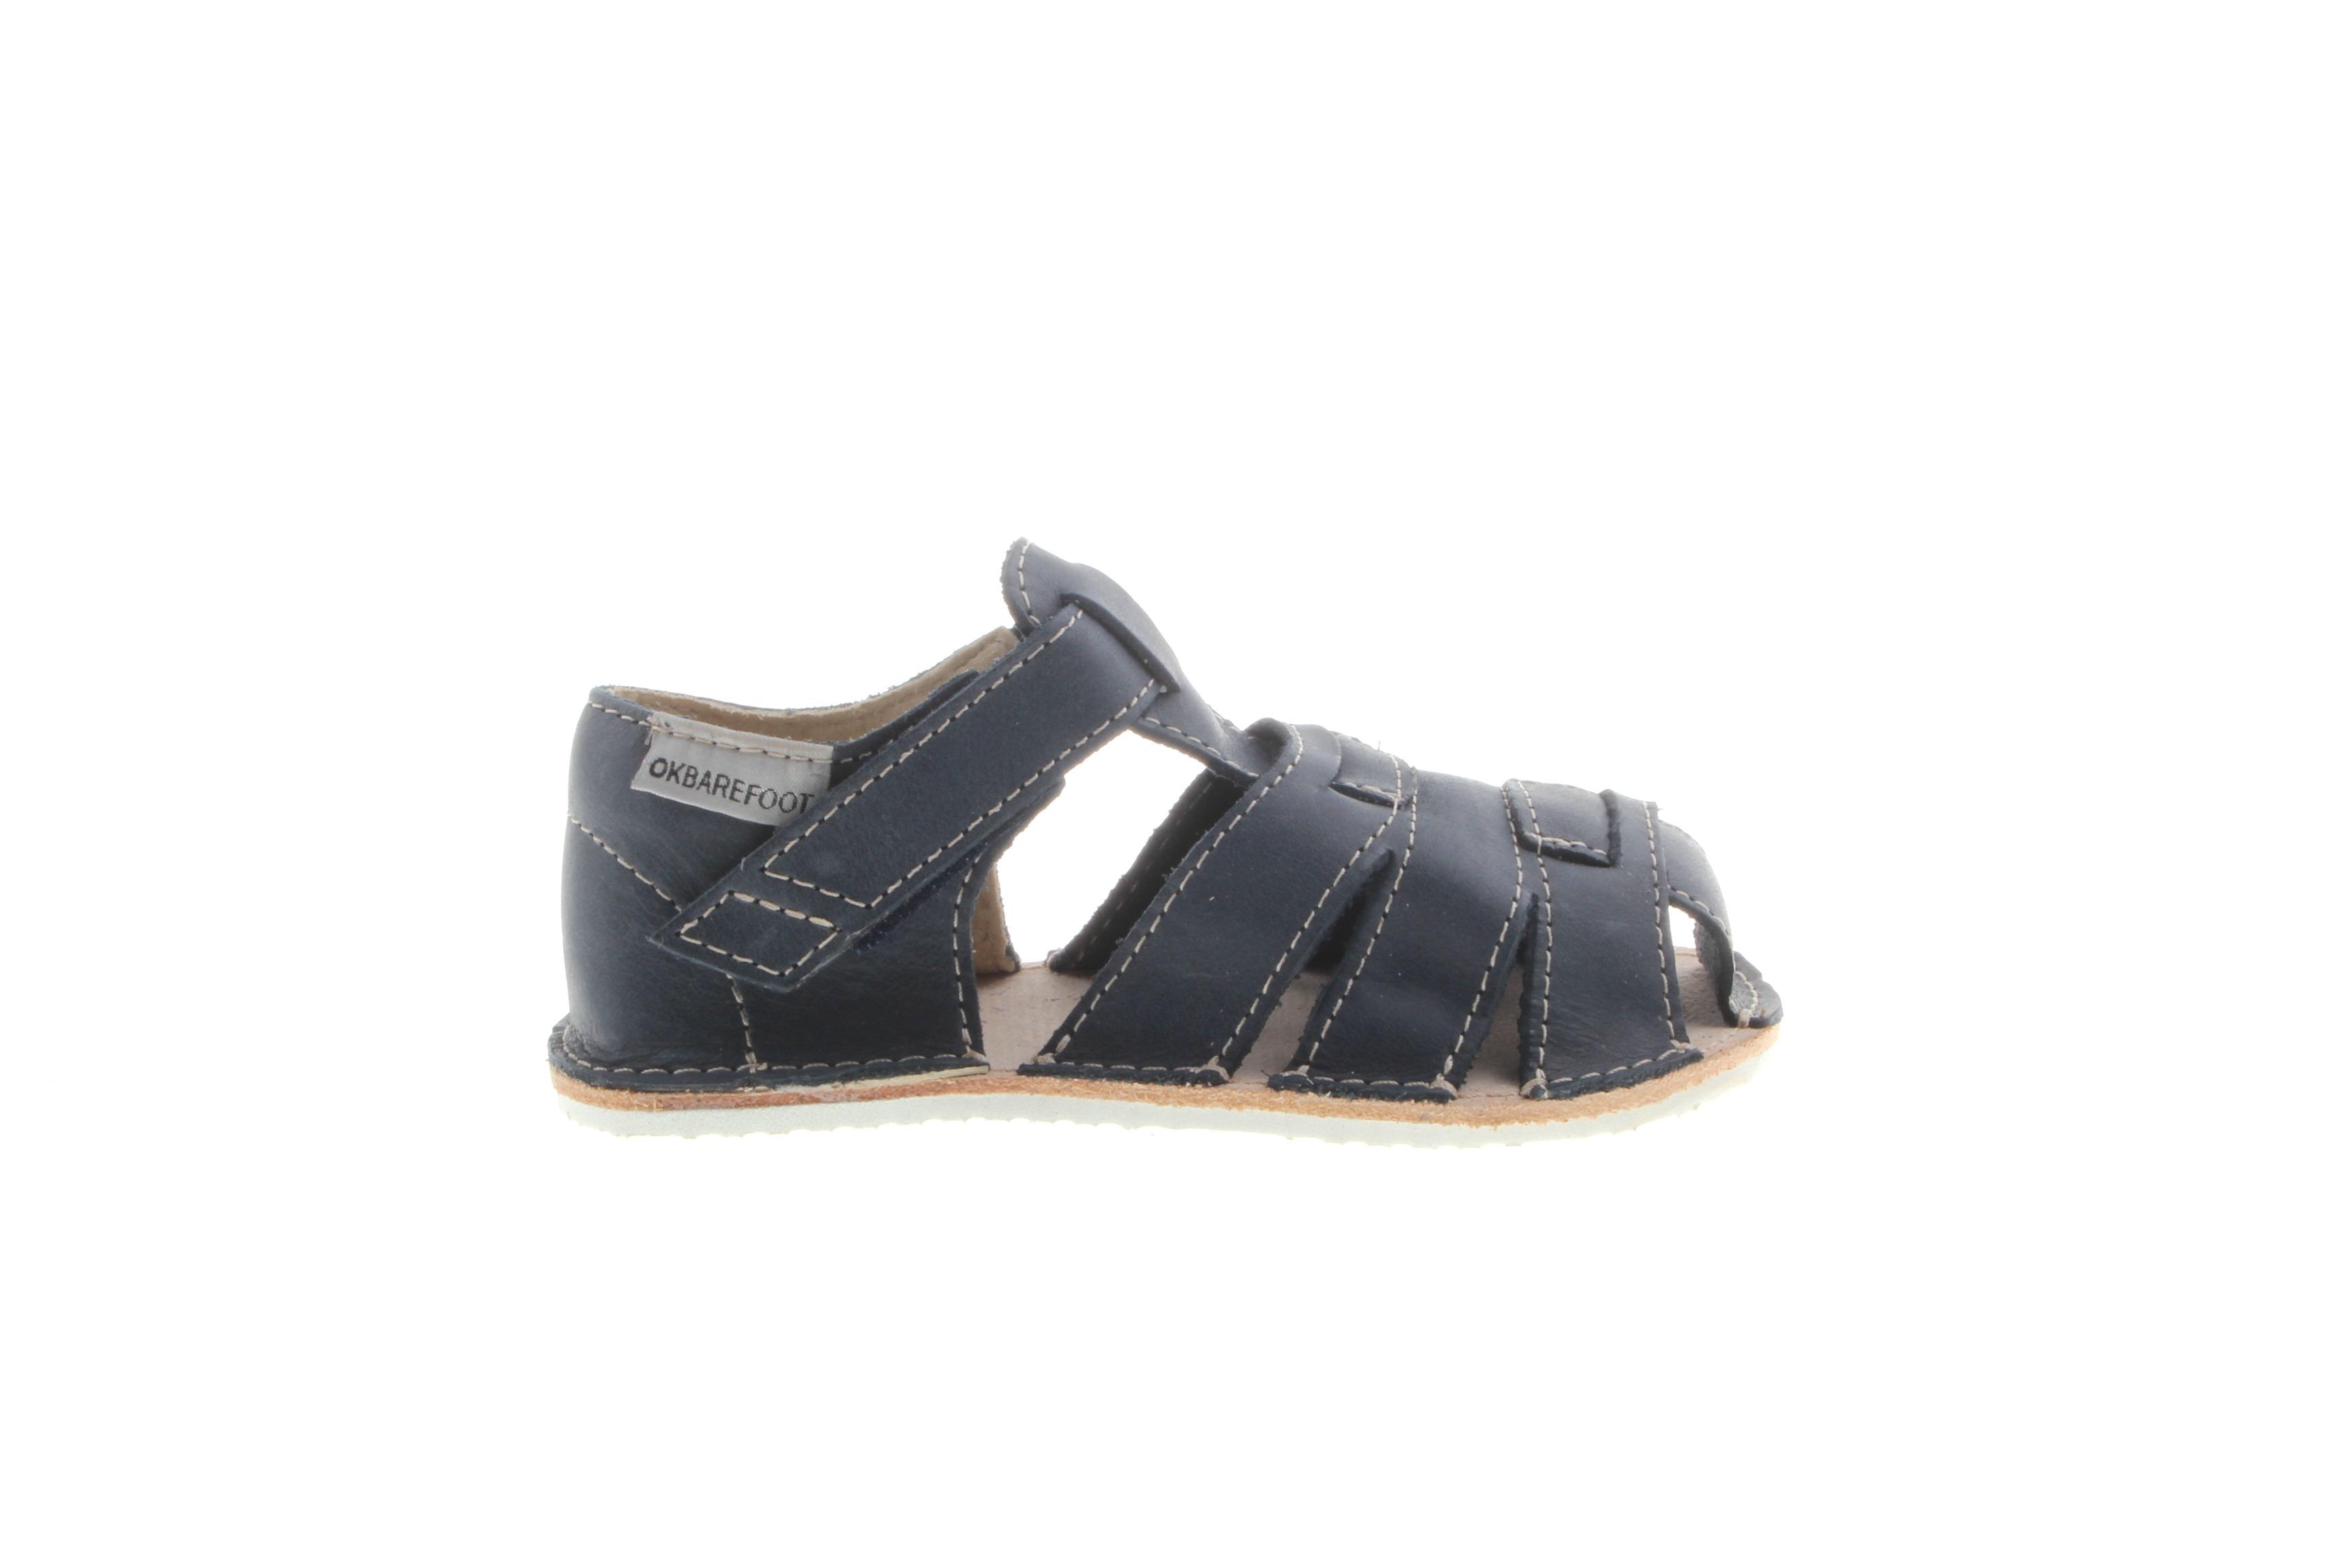 Orto Plus/OKbarefoot sandály Orto Plus Palm tmavě modré (BF-D201-51/H), šíře H, 4 mm velikosti bot EU: 24